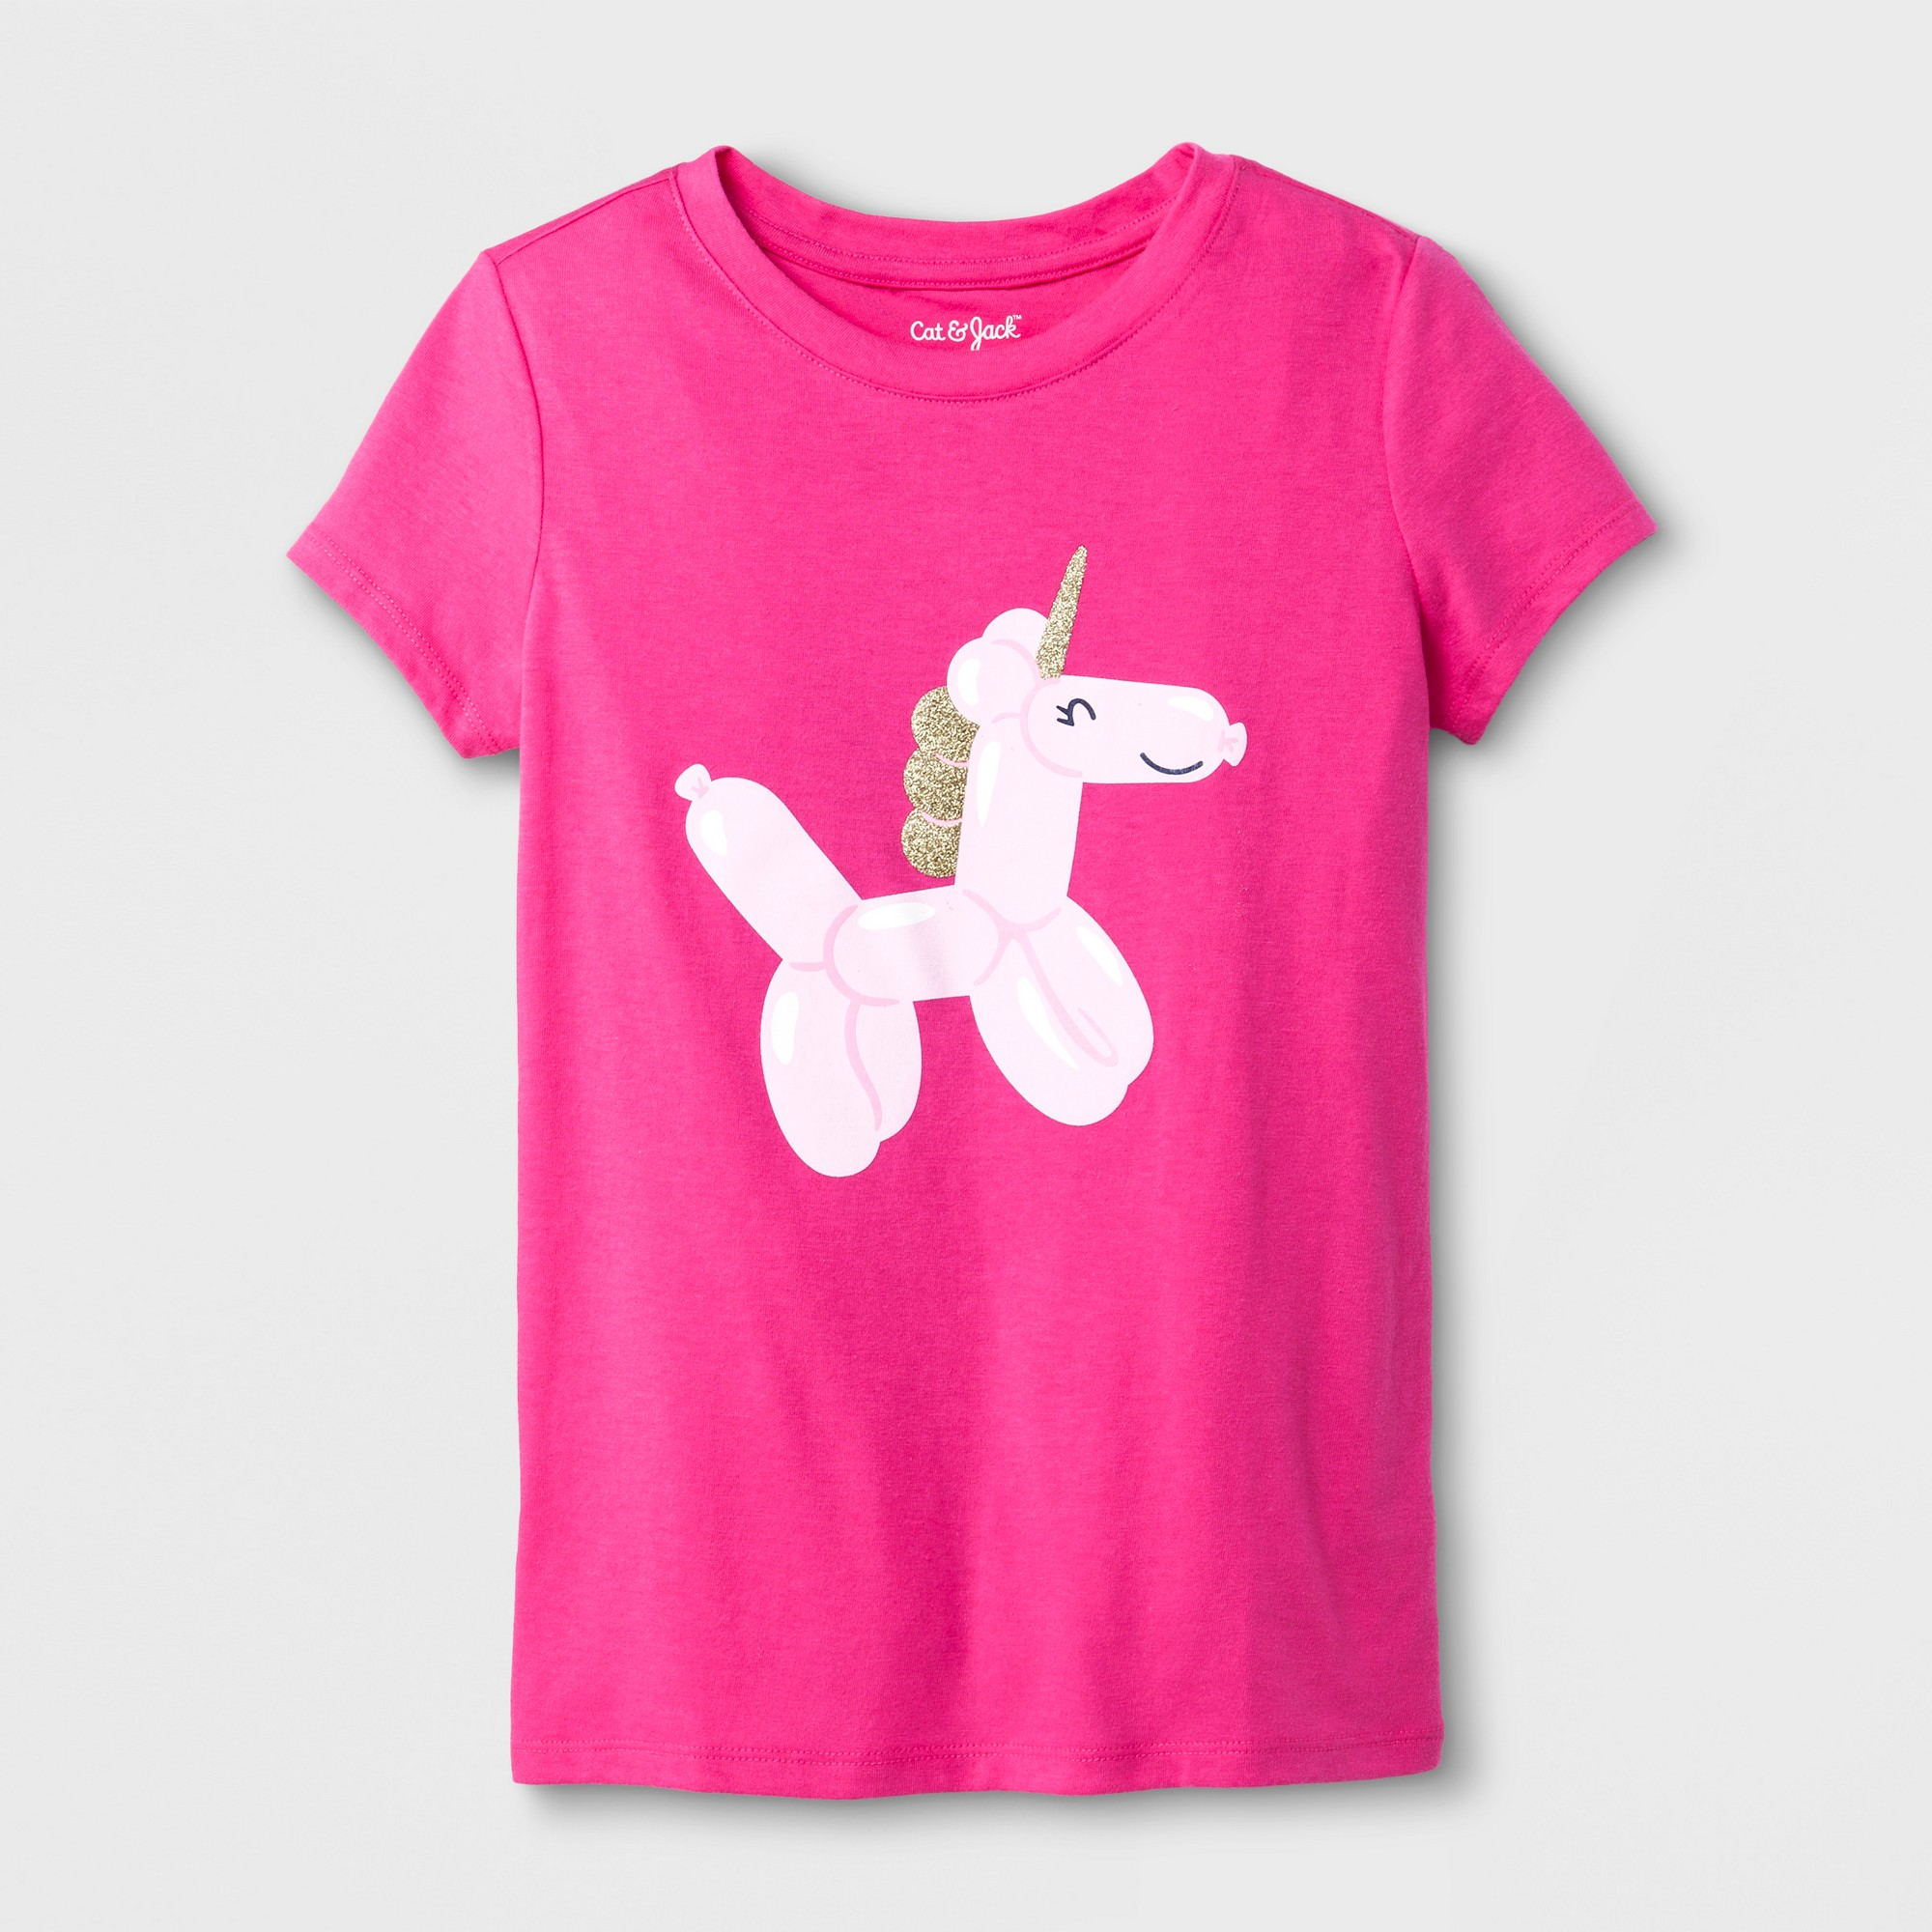 Rainbow Unicorn Poop Glitter Short-Sleeve Shirt Baby Girls